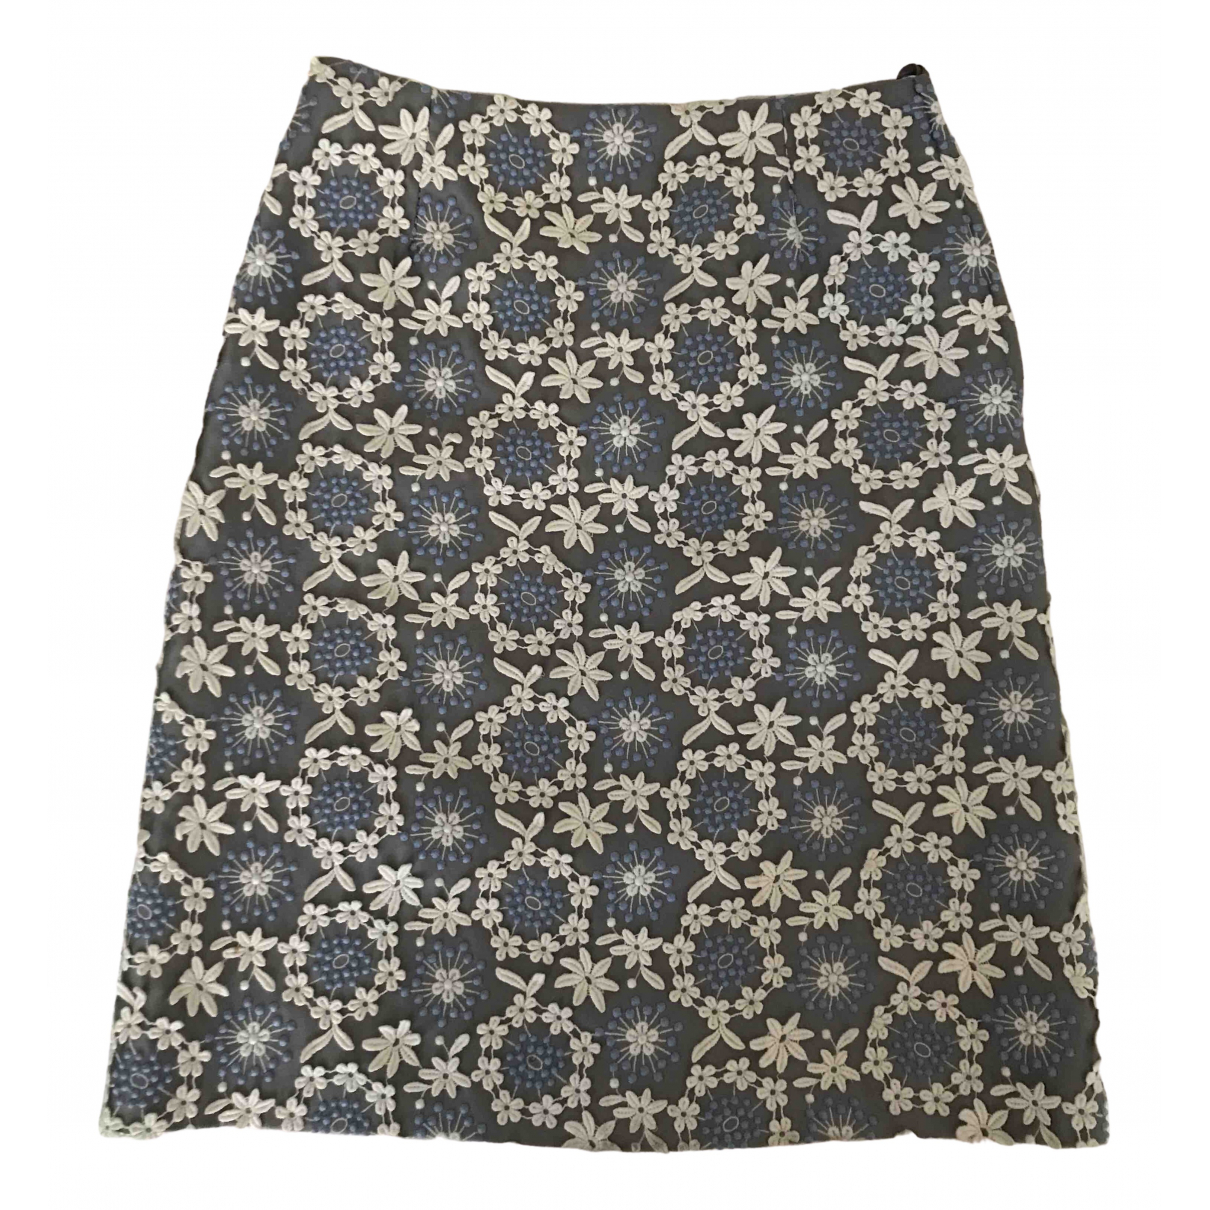 Prada \N Anthracite skirt for Women 38 IT